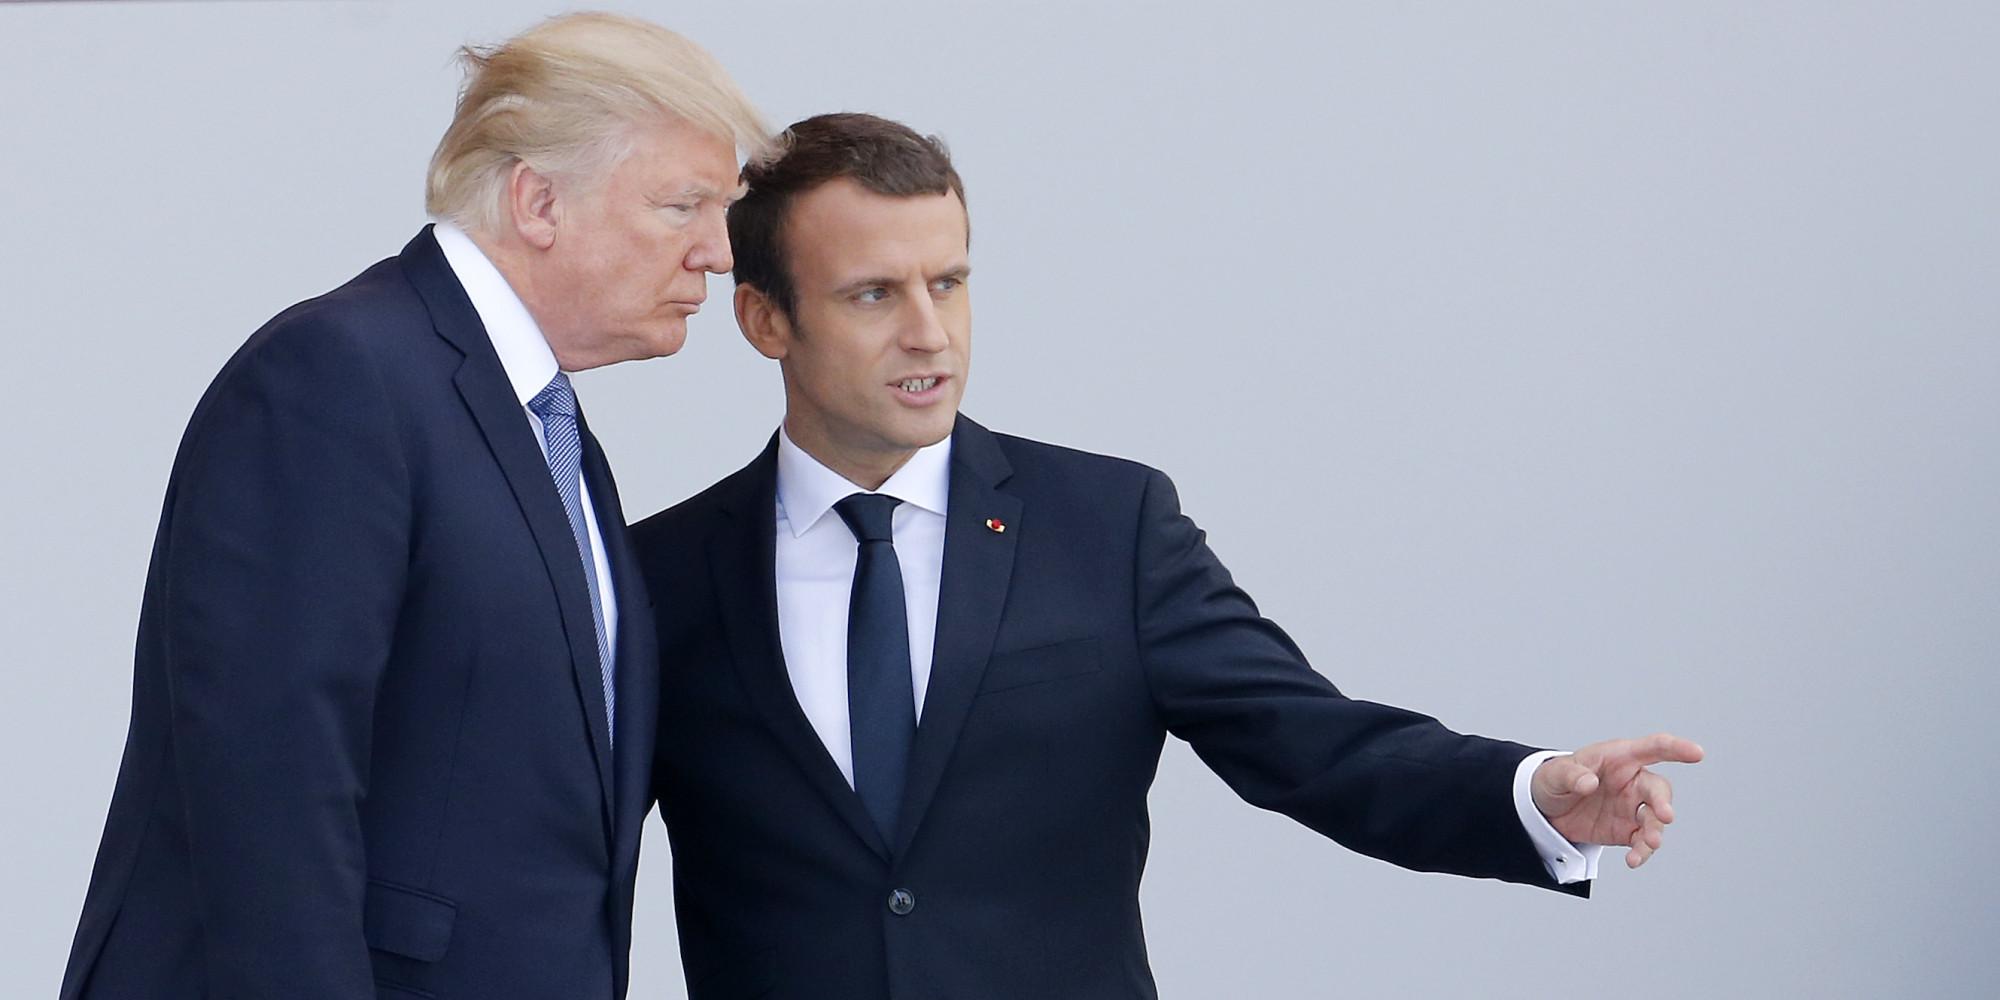 Μακρόν: Ο Τραμπ ίσως αντιστρέψει τη θέση του για τη συμφωνία του Παρισιού για το κλίμα